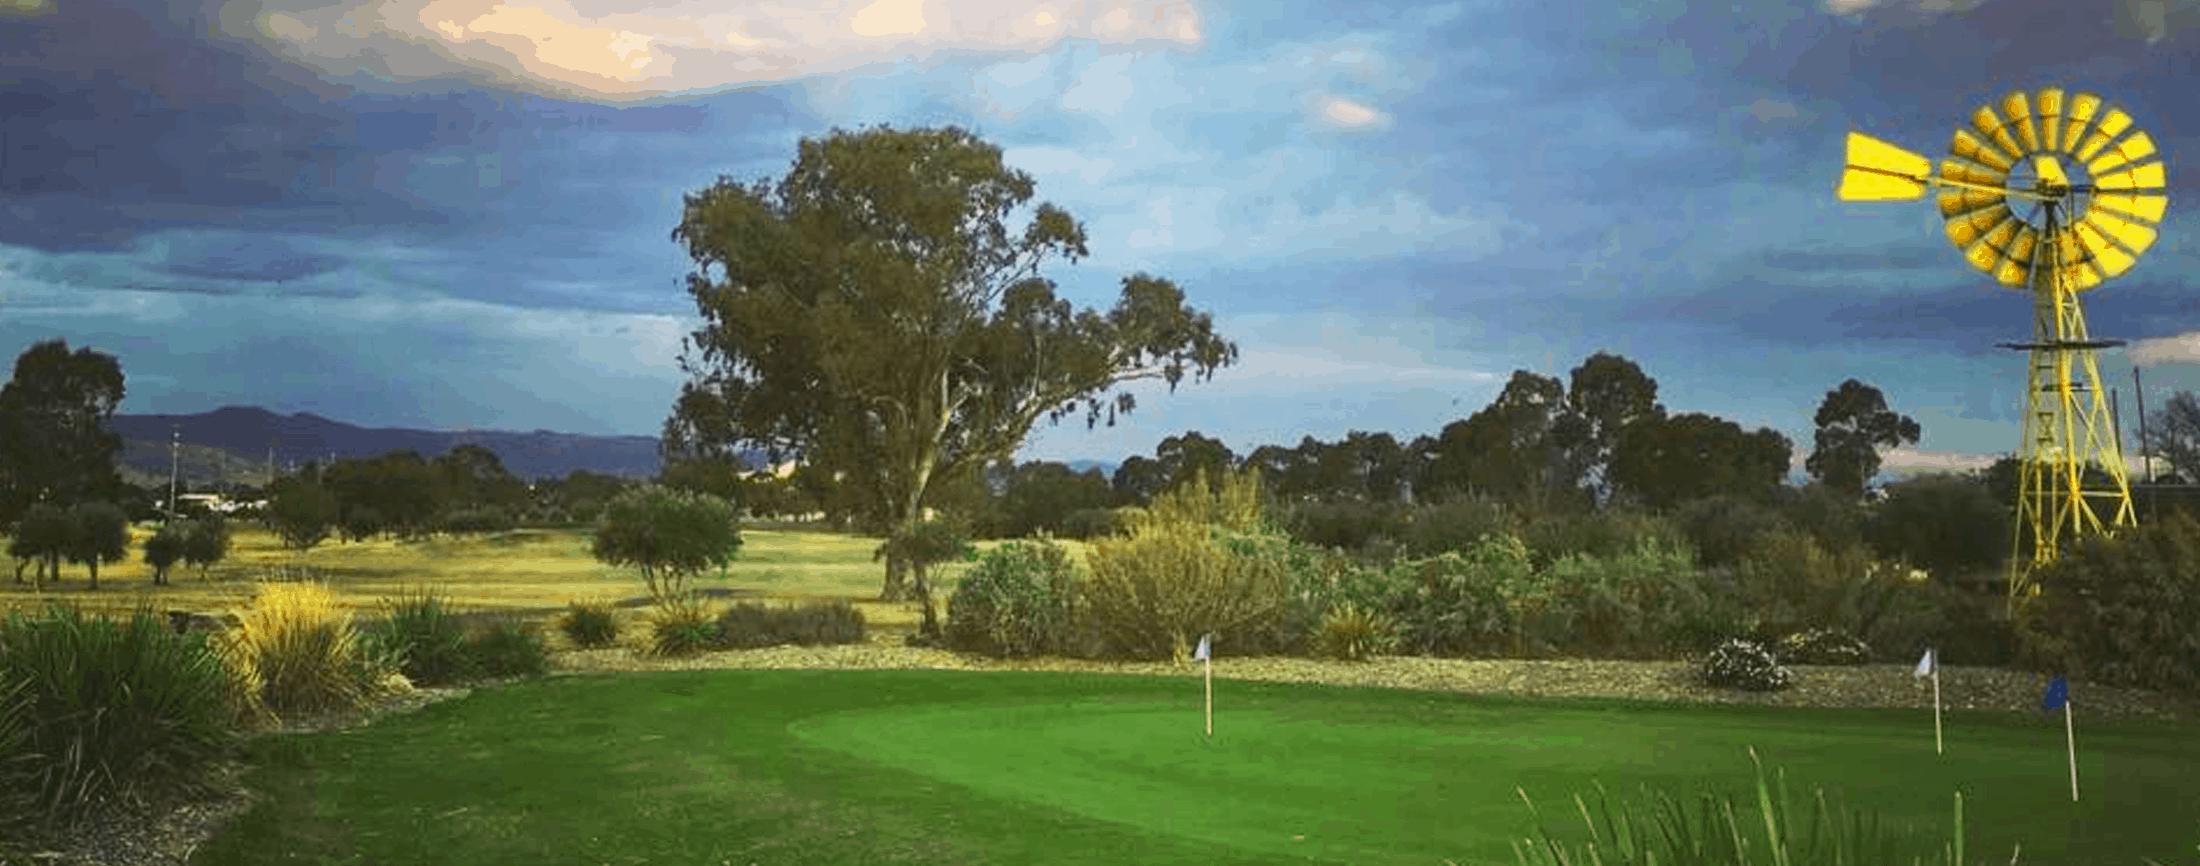 Longyard Golf Club